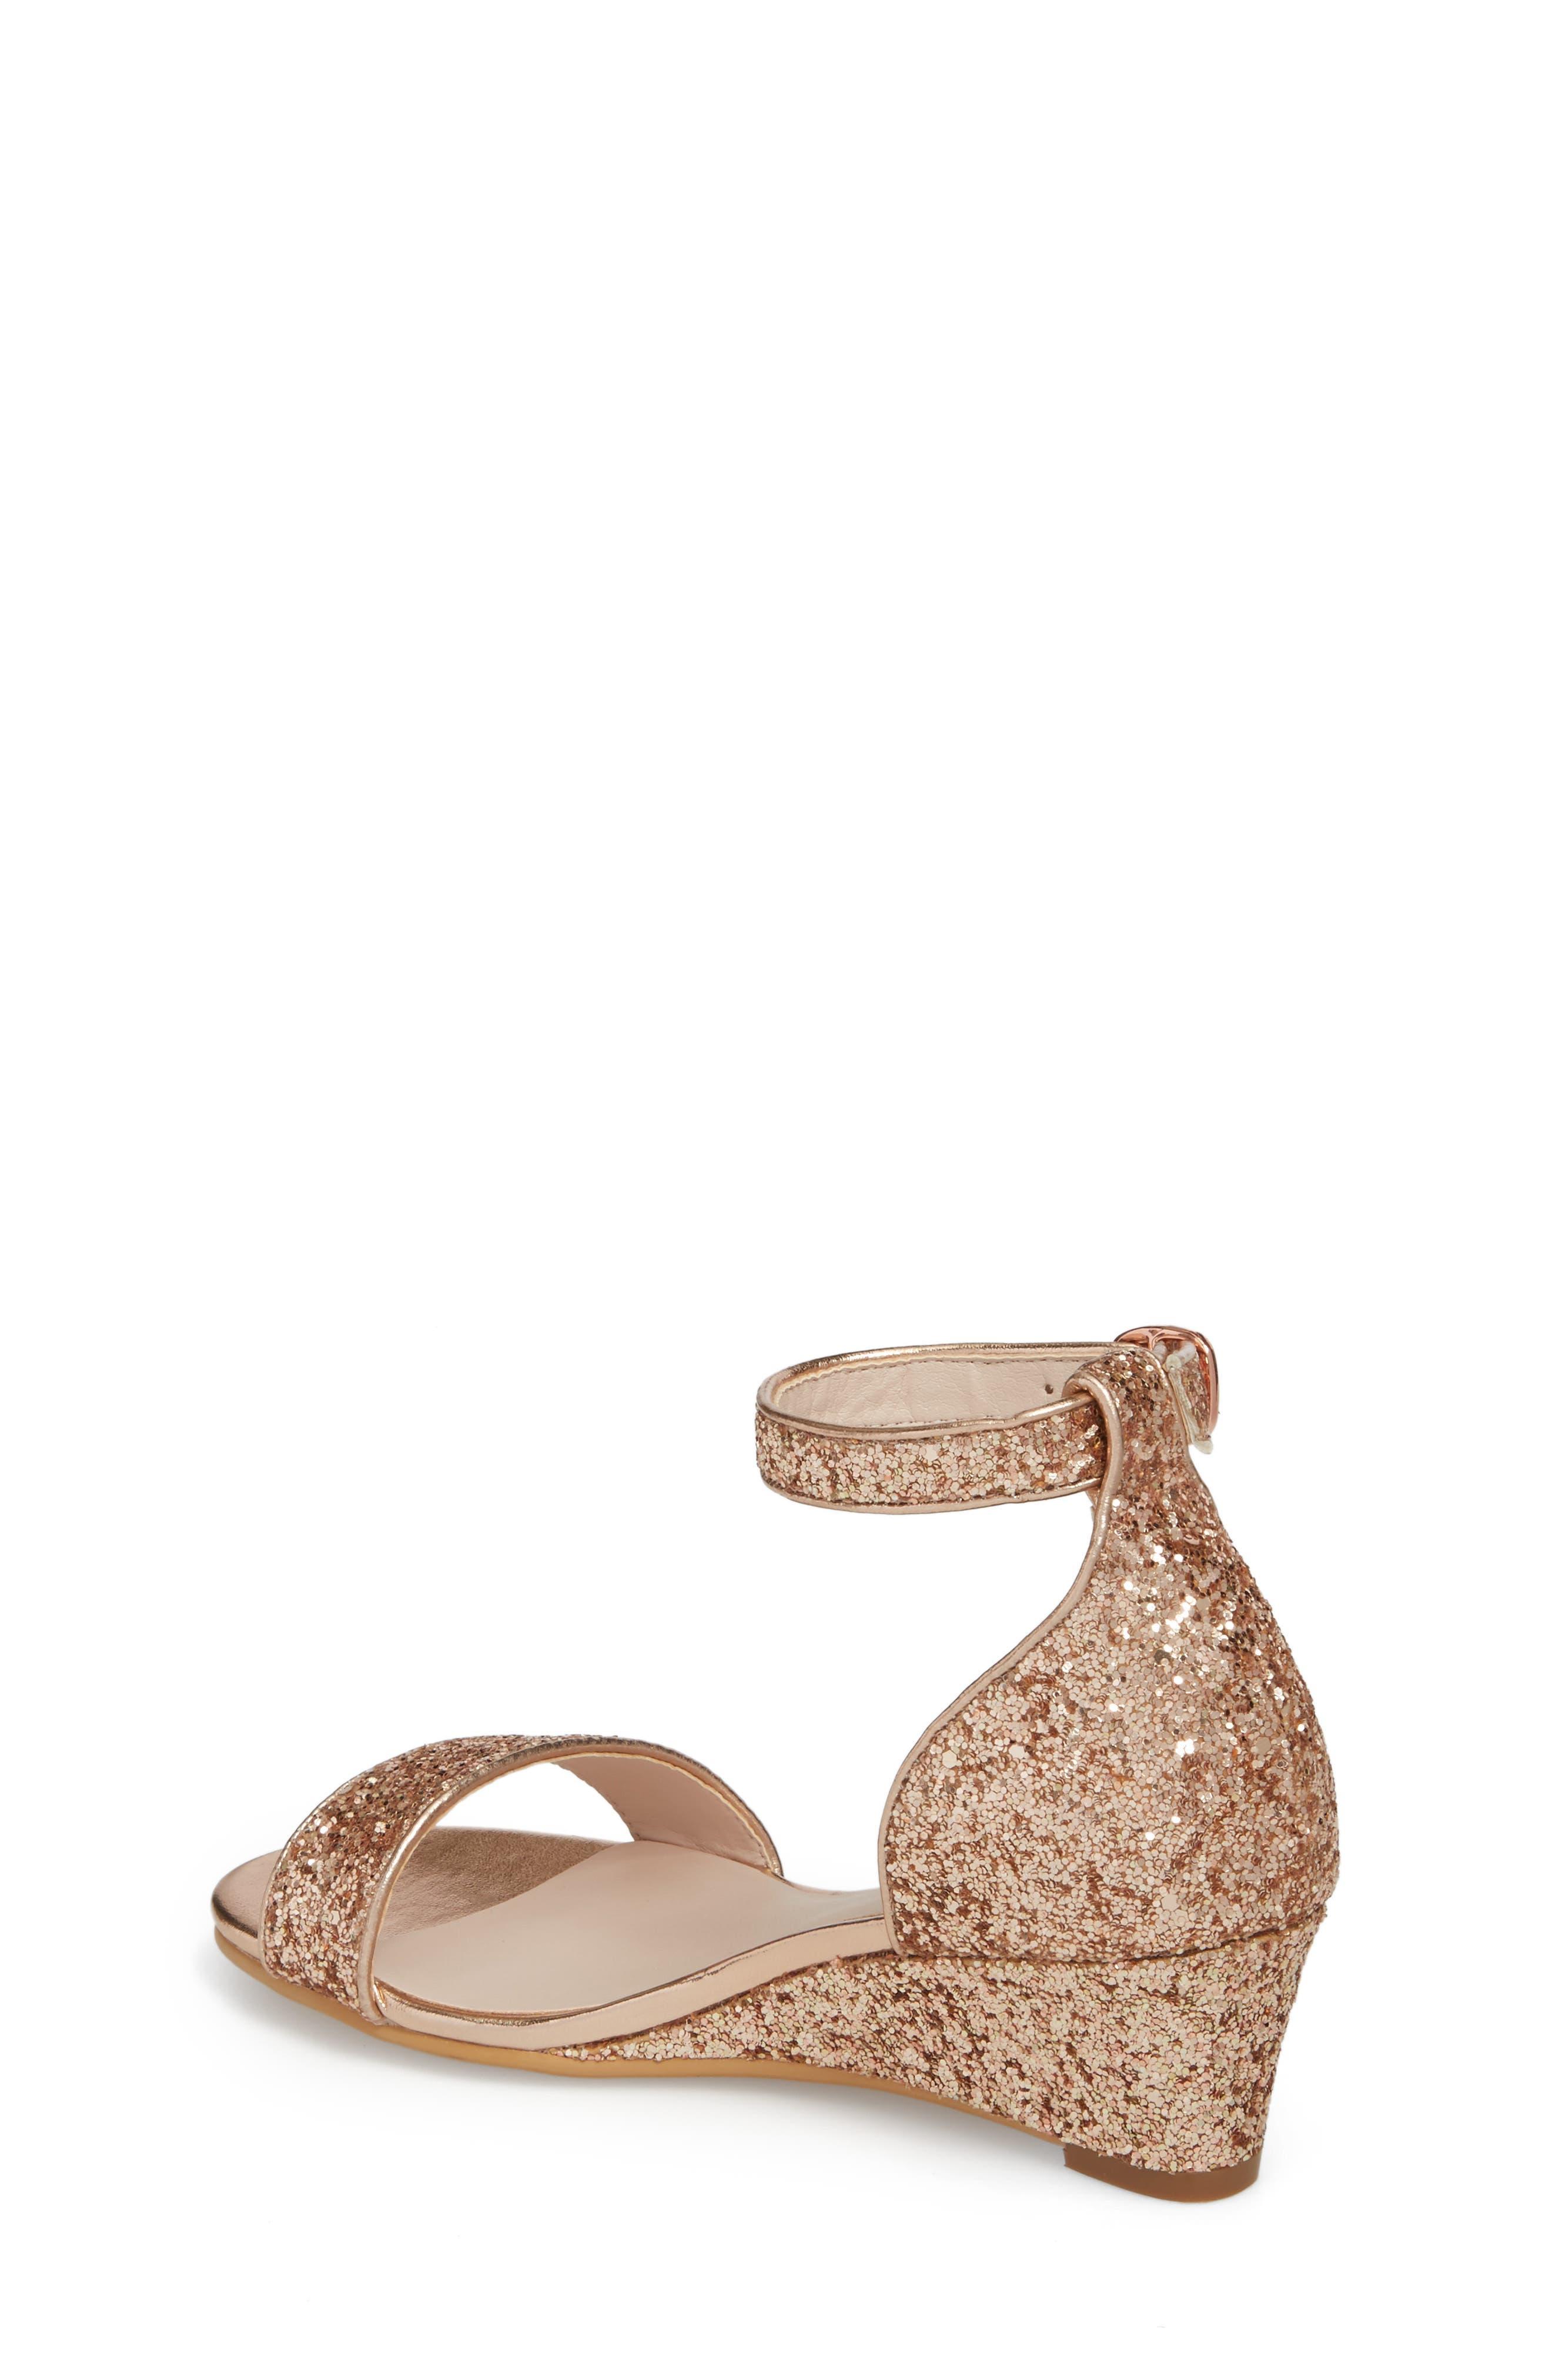 Remi Wedge Sandal,                             Alternate thumbnail 2, color,                             Rose Gold Glitter